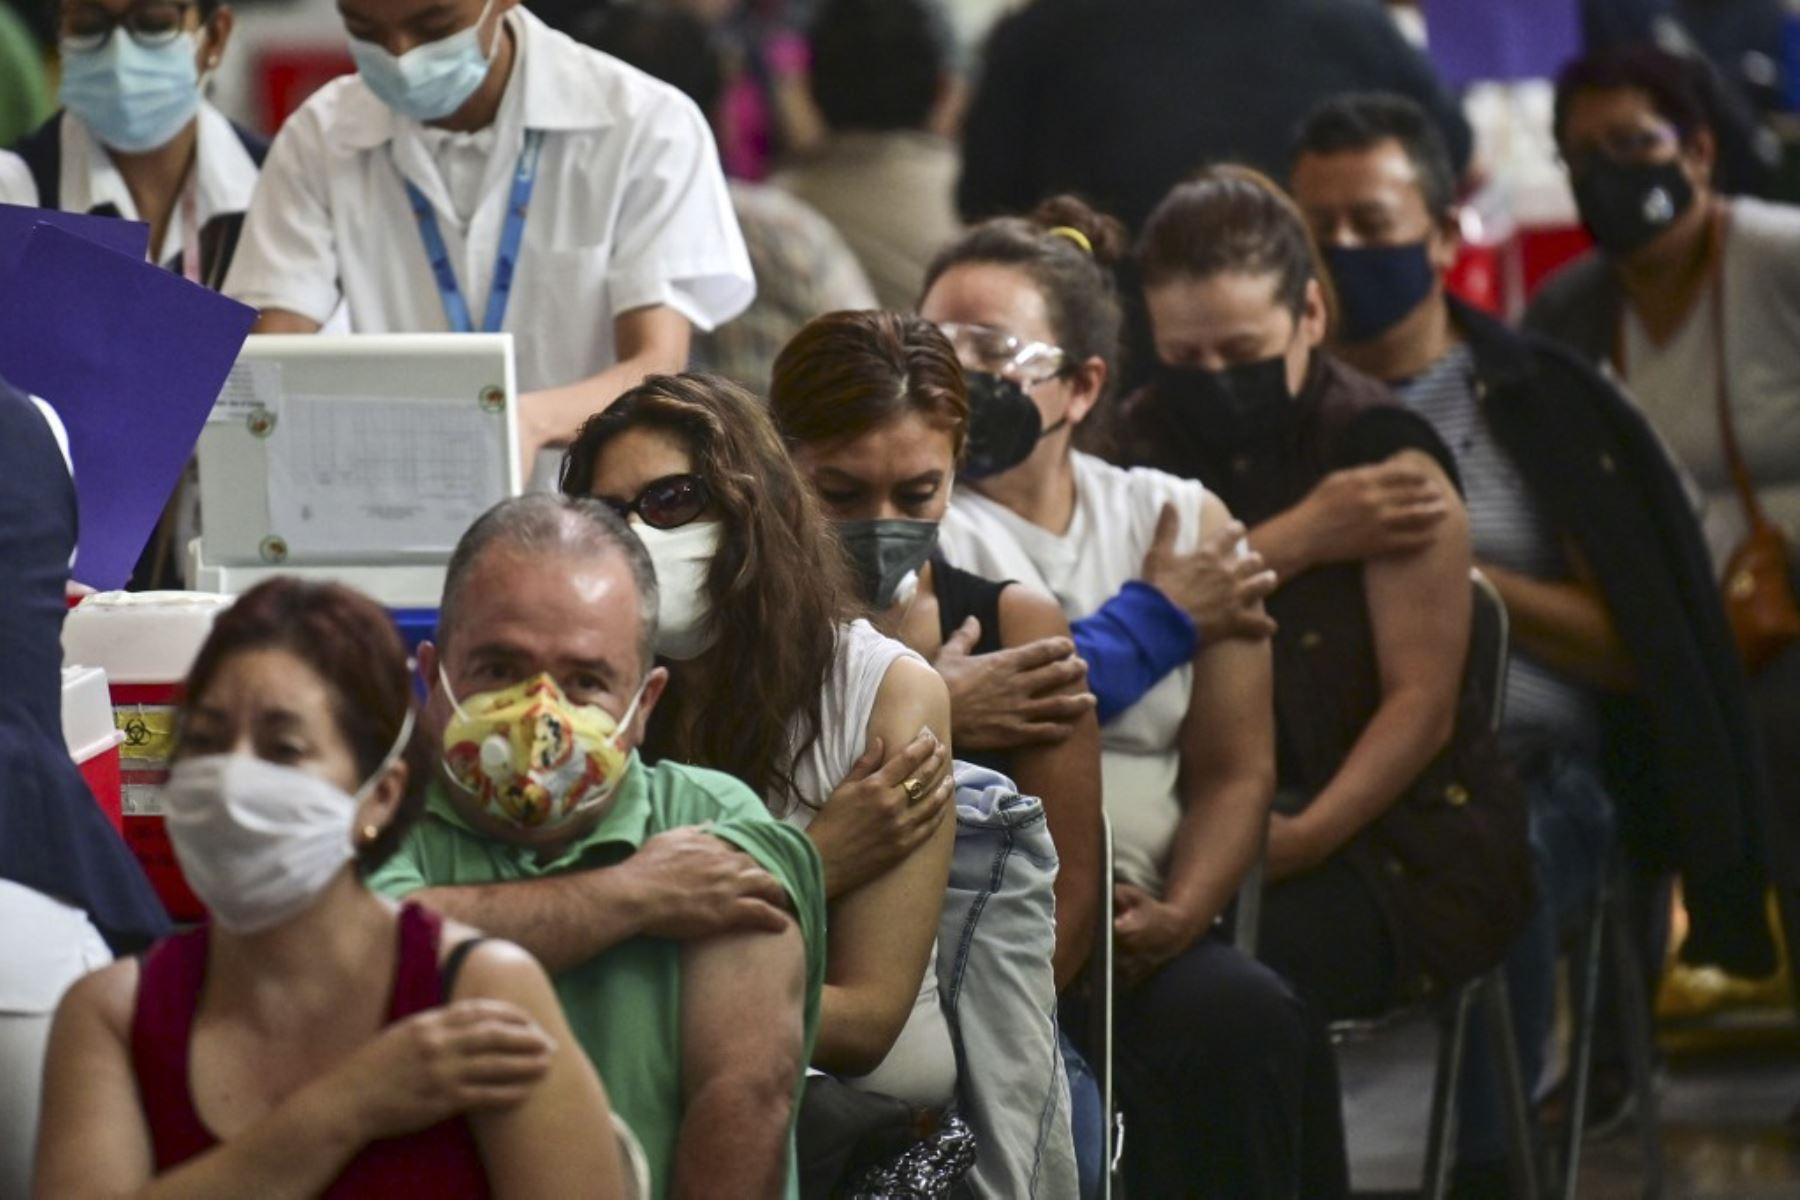 La gente espera luego de recibir dosis de la vacuna Pfizer-BioNTech contra covid-19 en un centro de vacunación para mayores de 50 años instalado en la Biblioteca Vasconcelos, en la Ciudad de México. Foto: AFP